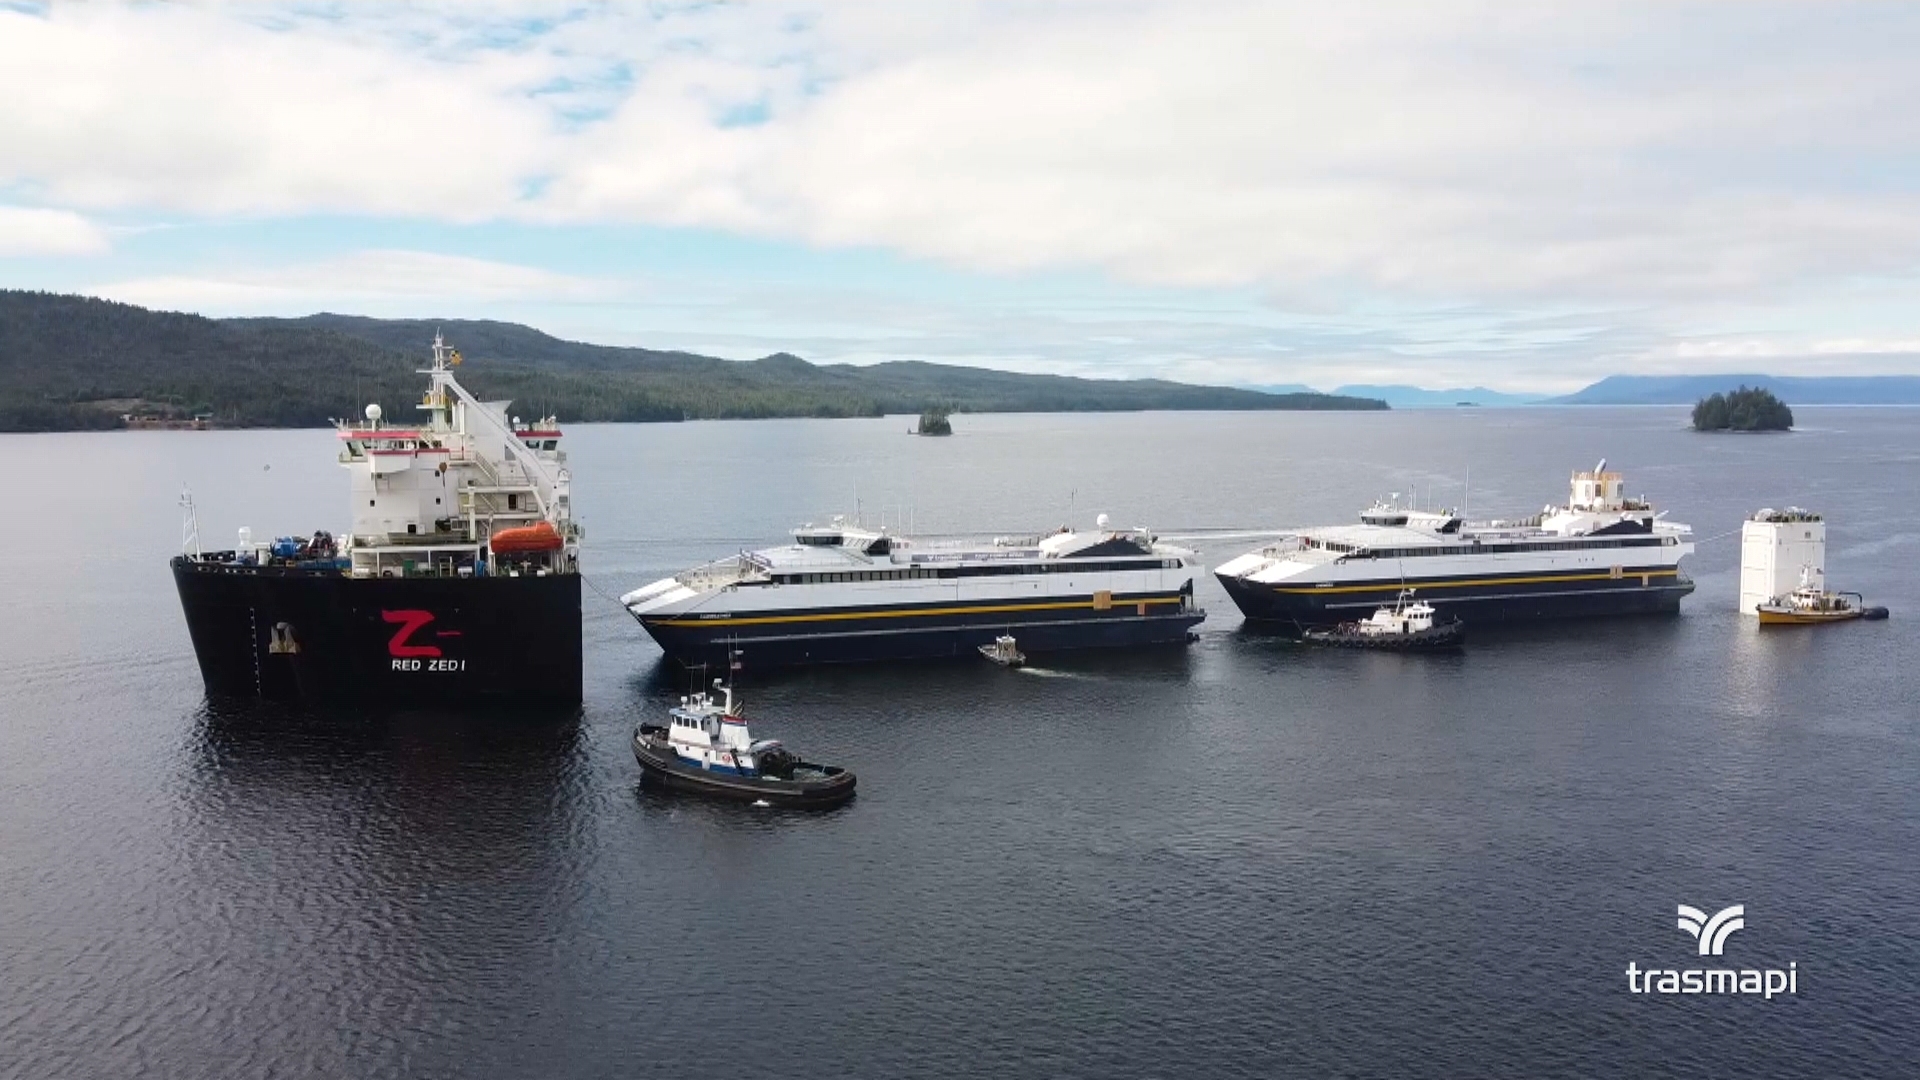 Supertransbordadors+submergibles+duen+m%C3%A9s+ferris+%28i+m%C3%A9s+grossos%29+al+canal+Eivissa-Formentera